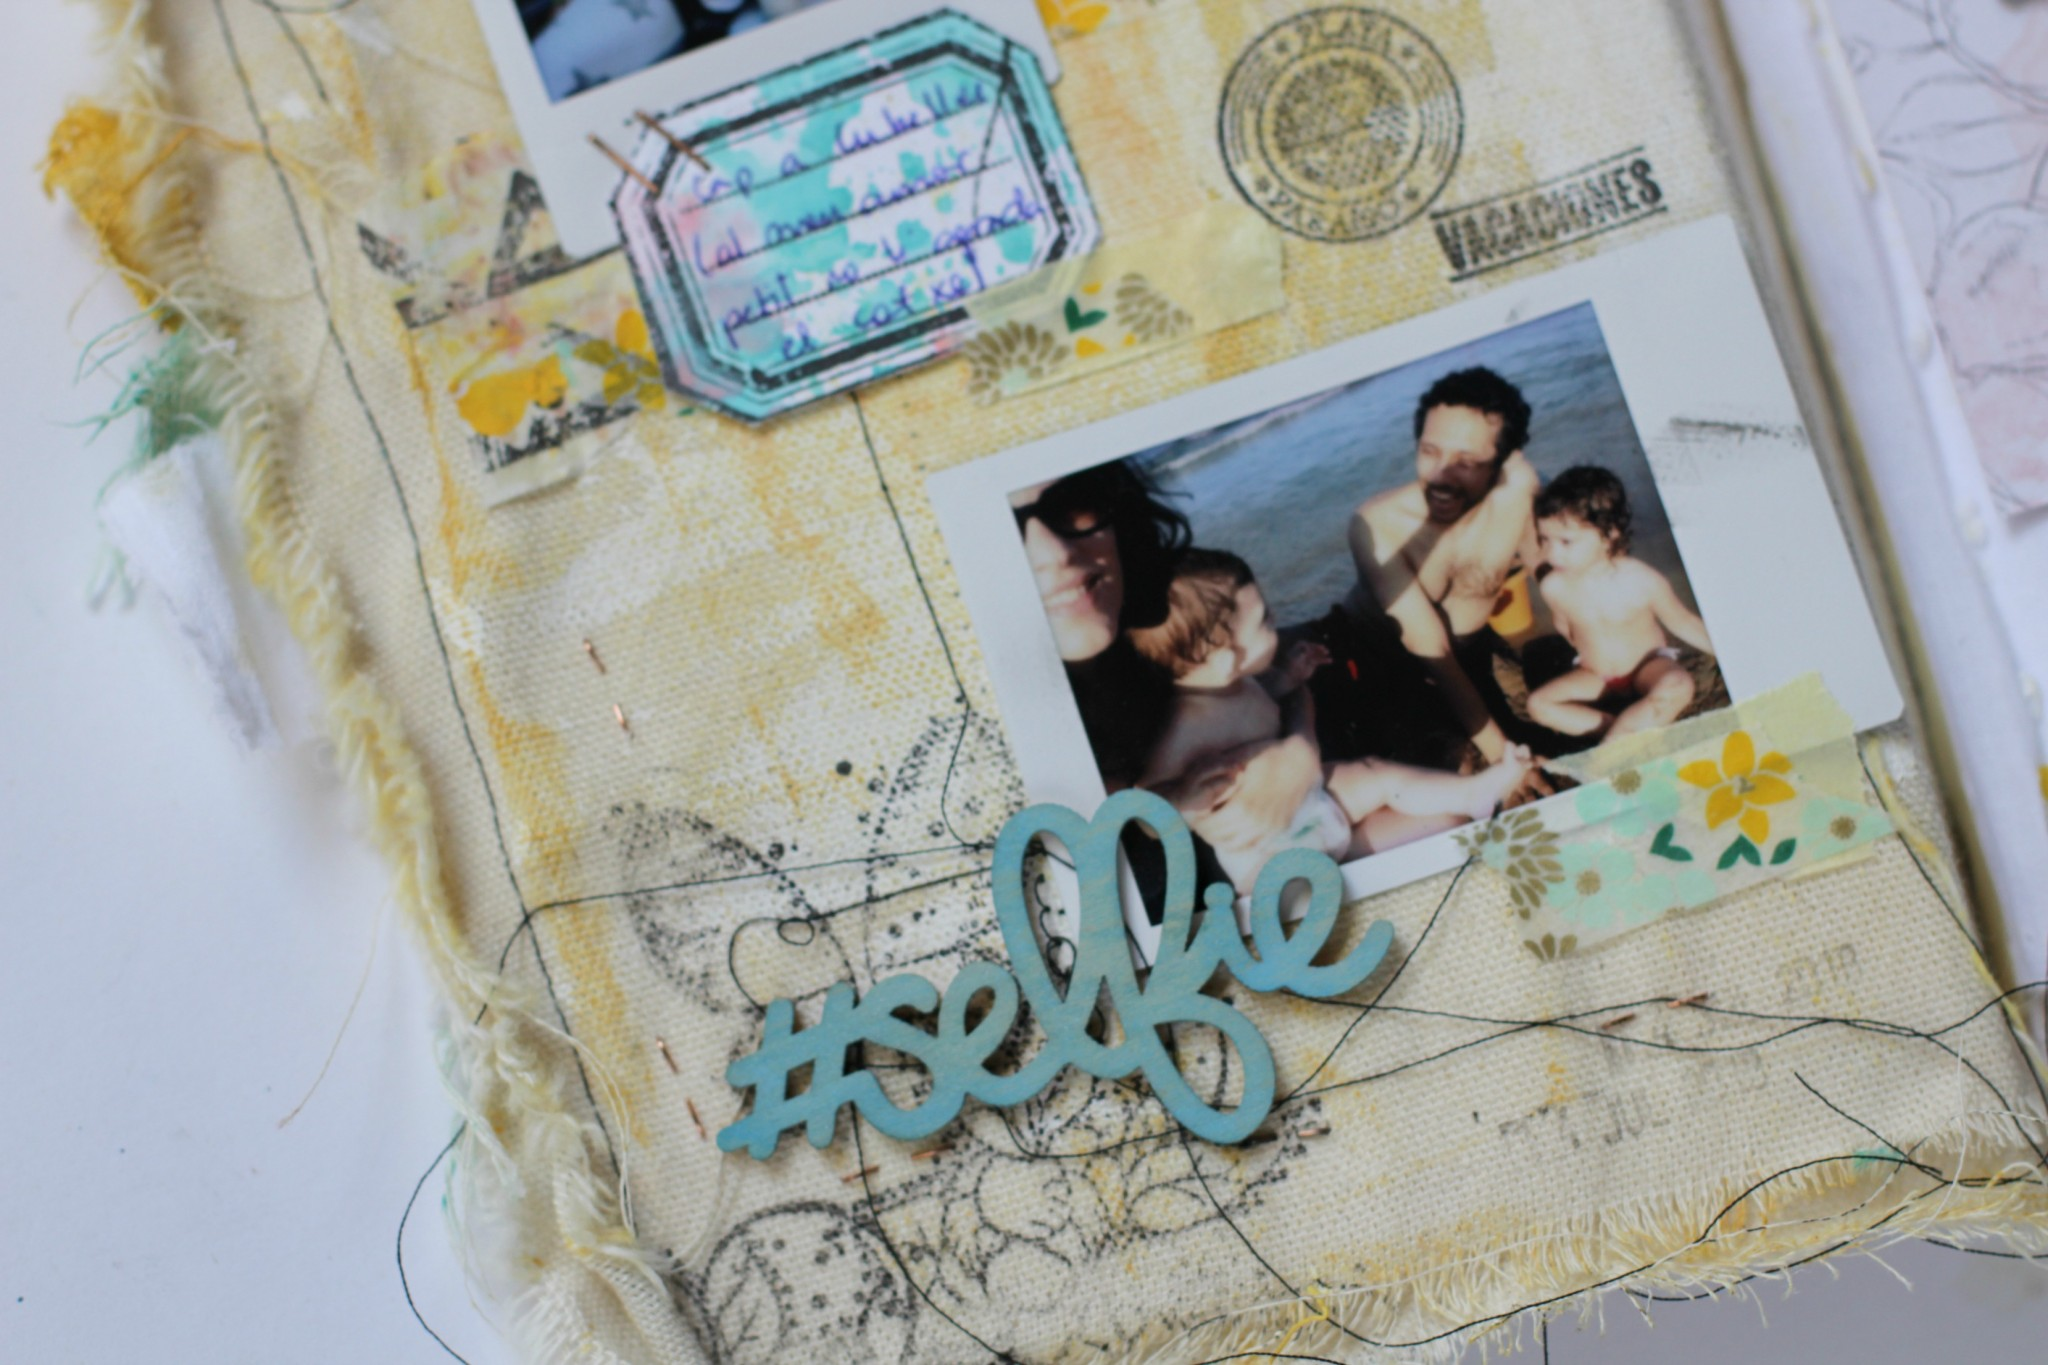 diario de verano_03